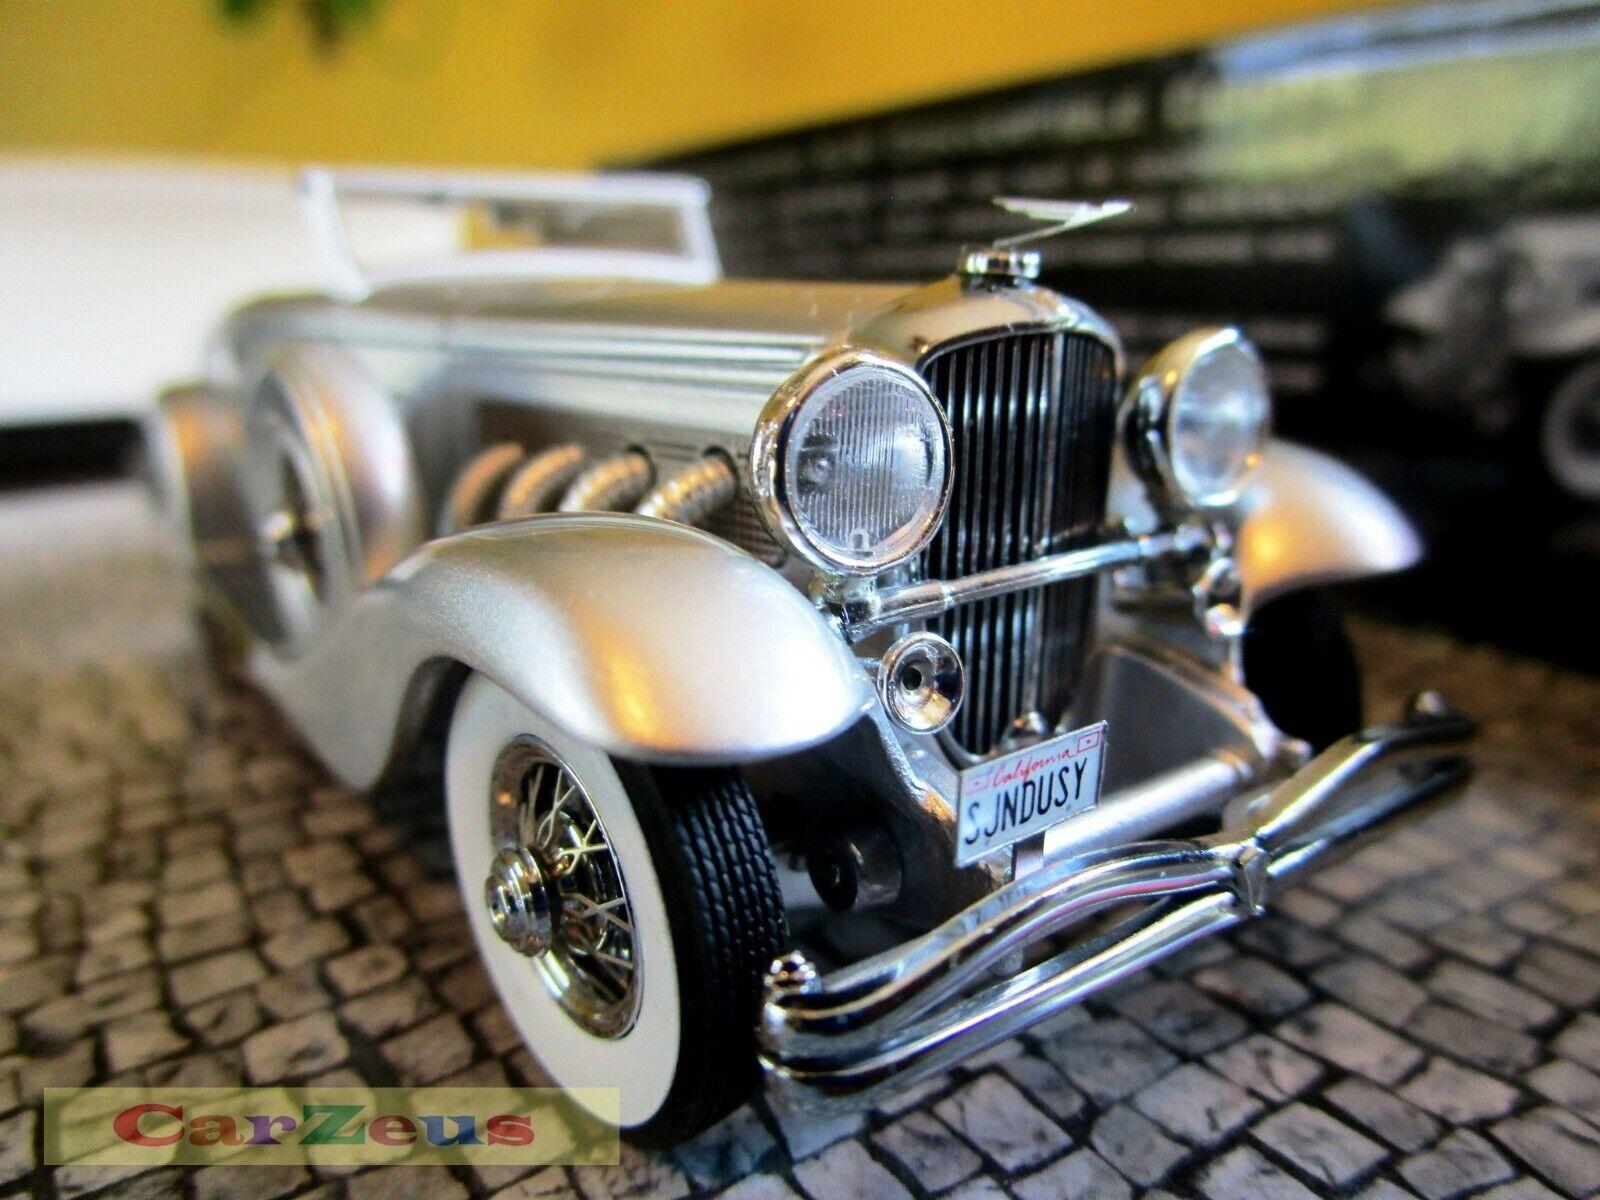 all'ingrosso a buon mercato 1 43 Minichamps, 1936 Duesenberg SJN Converdeible Coupe, primero classe classe classe Collection  tutto in alta qualità e prezzo basso